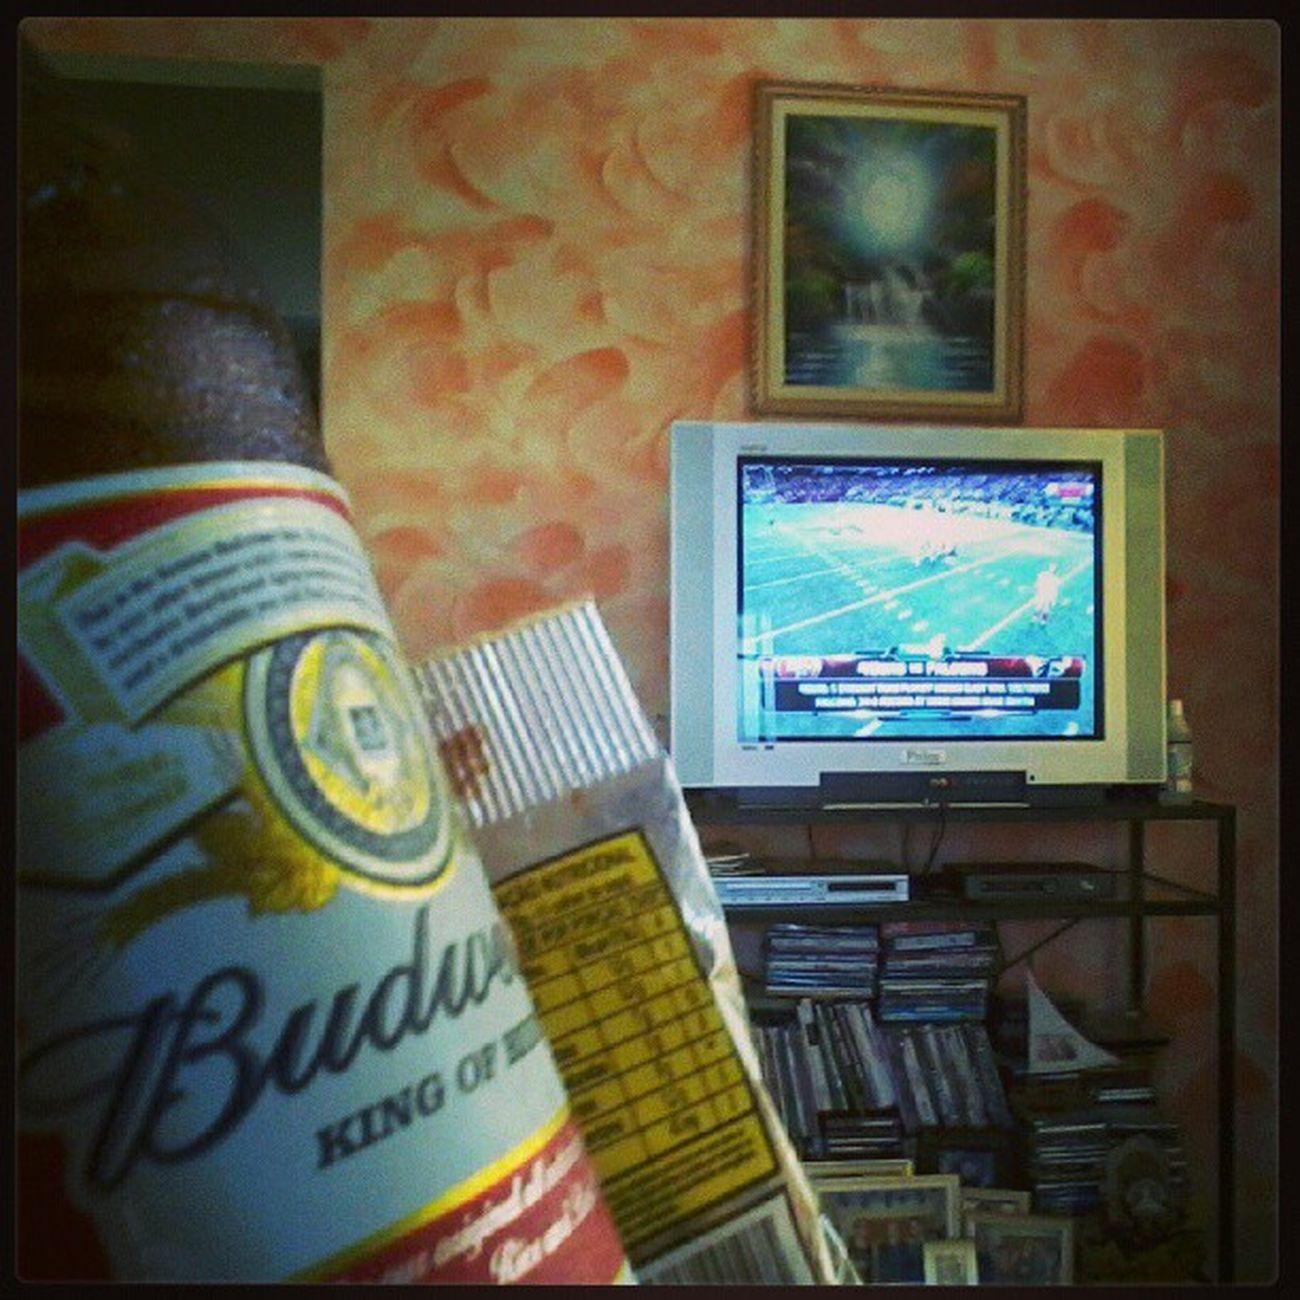 Eu, minha rainha Budweiser, amendoim e decisão da NFC para a final da NFL. Preciso de mais nada pra ser feliz, rs InstaGordo NFL Budweiser 49ersAtFalcons